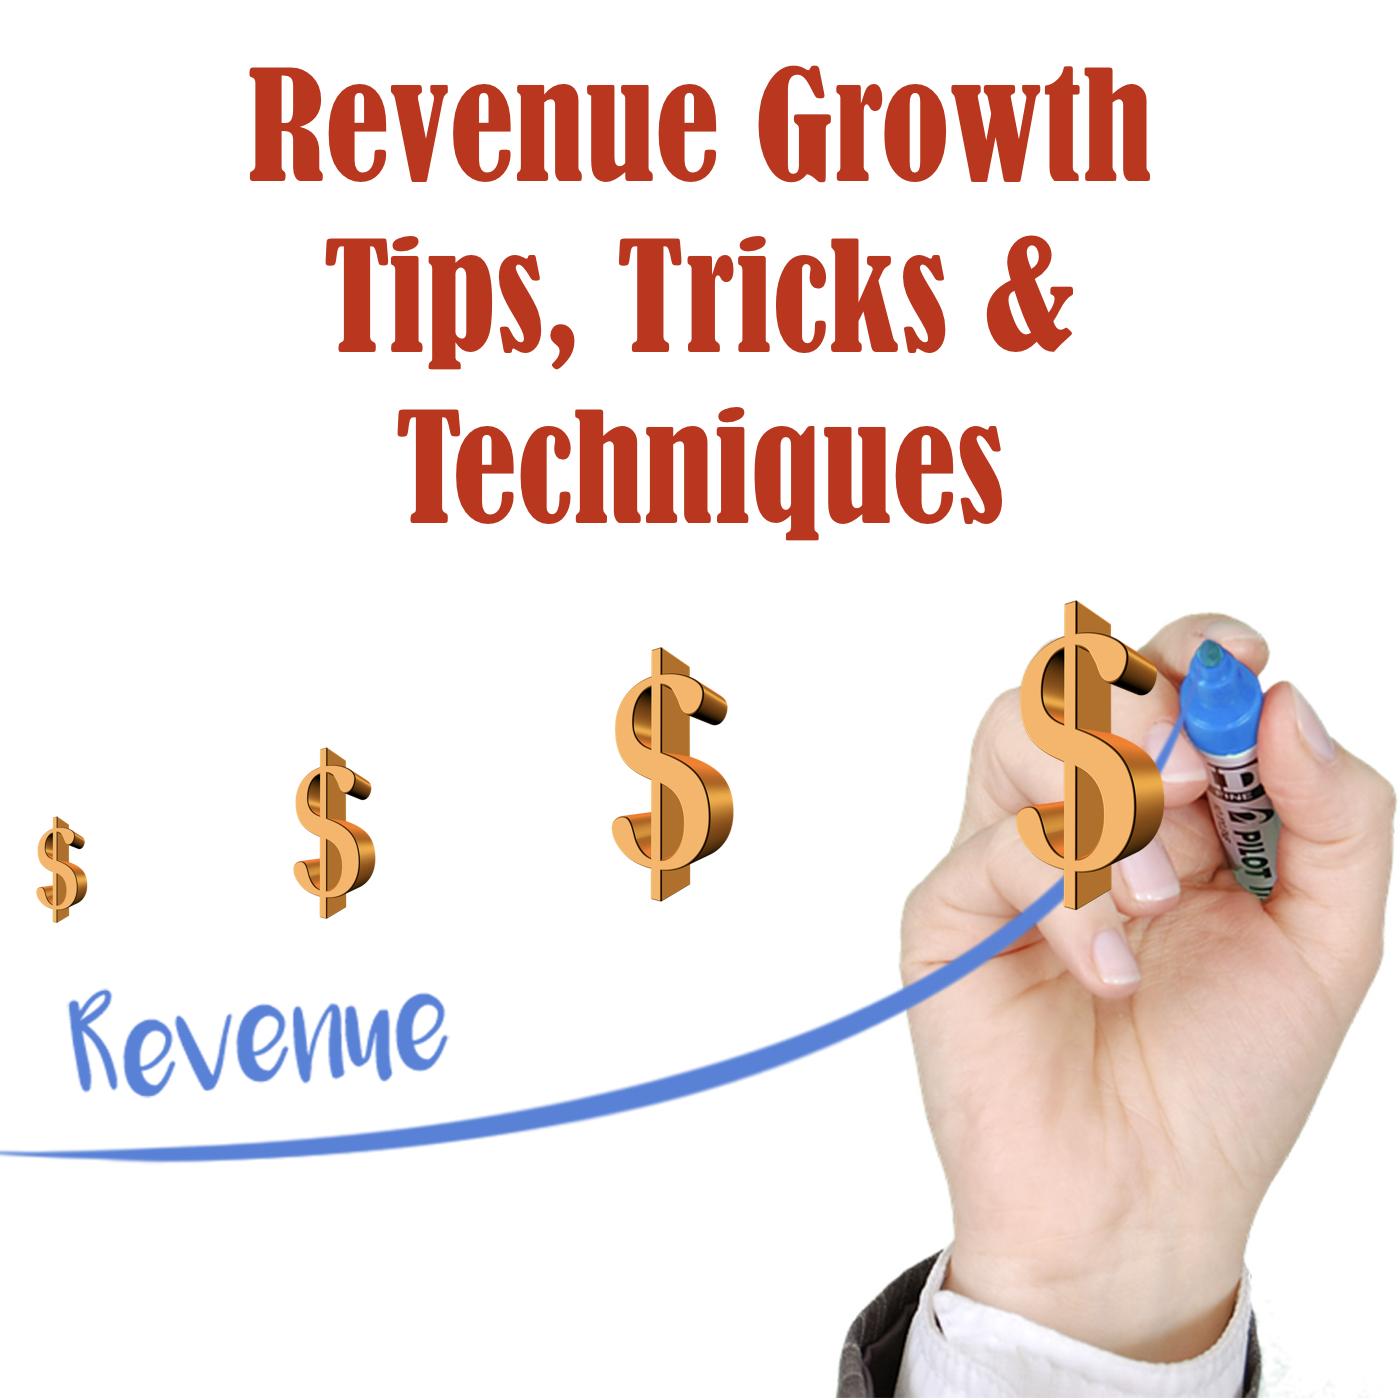 Revenue Growth Tips, Tricks & Techniques